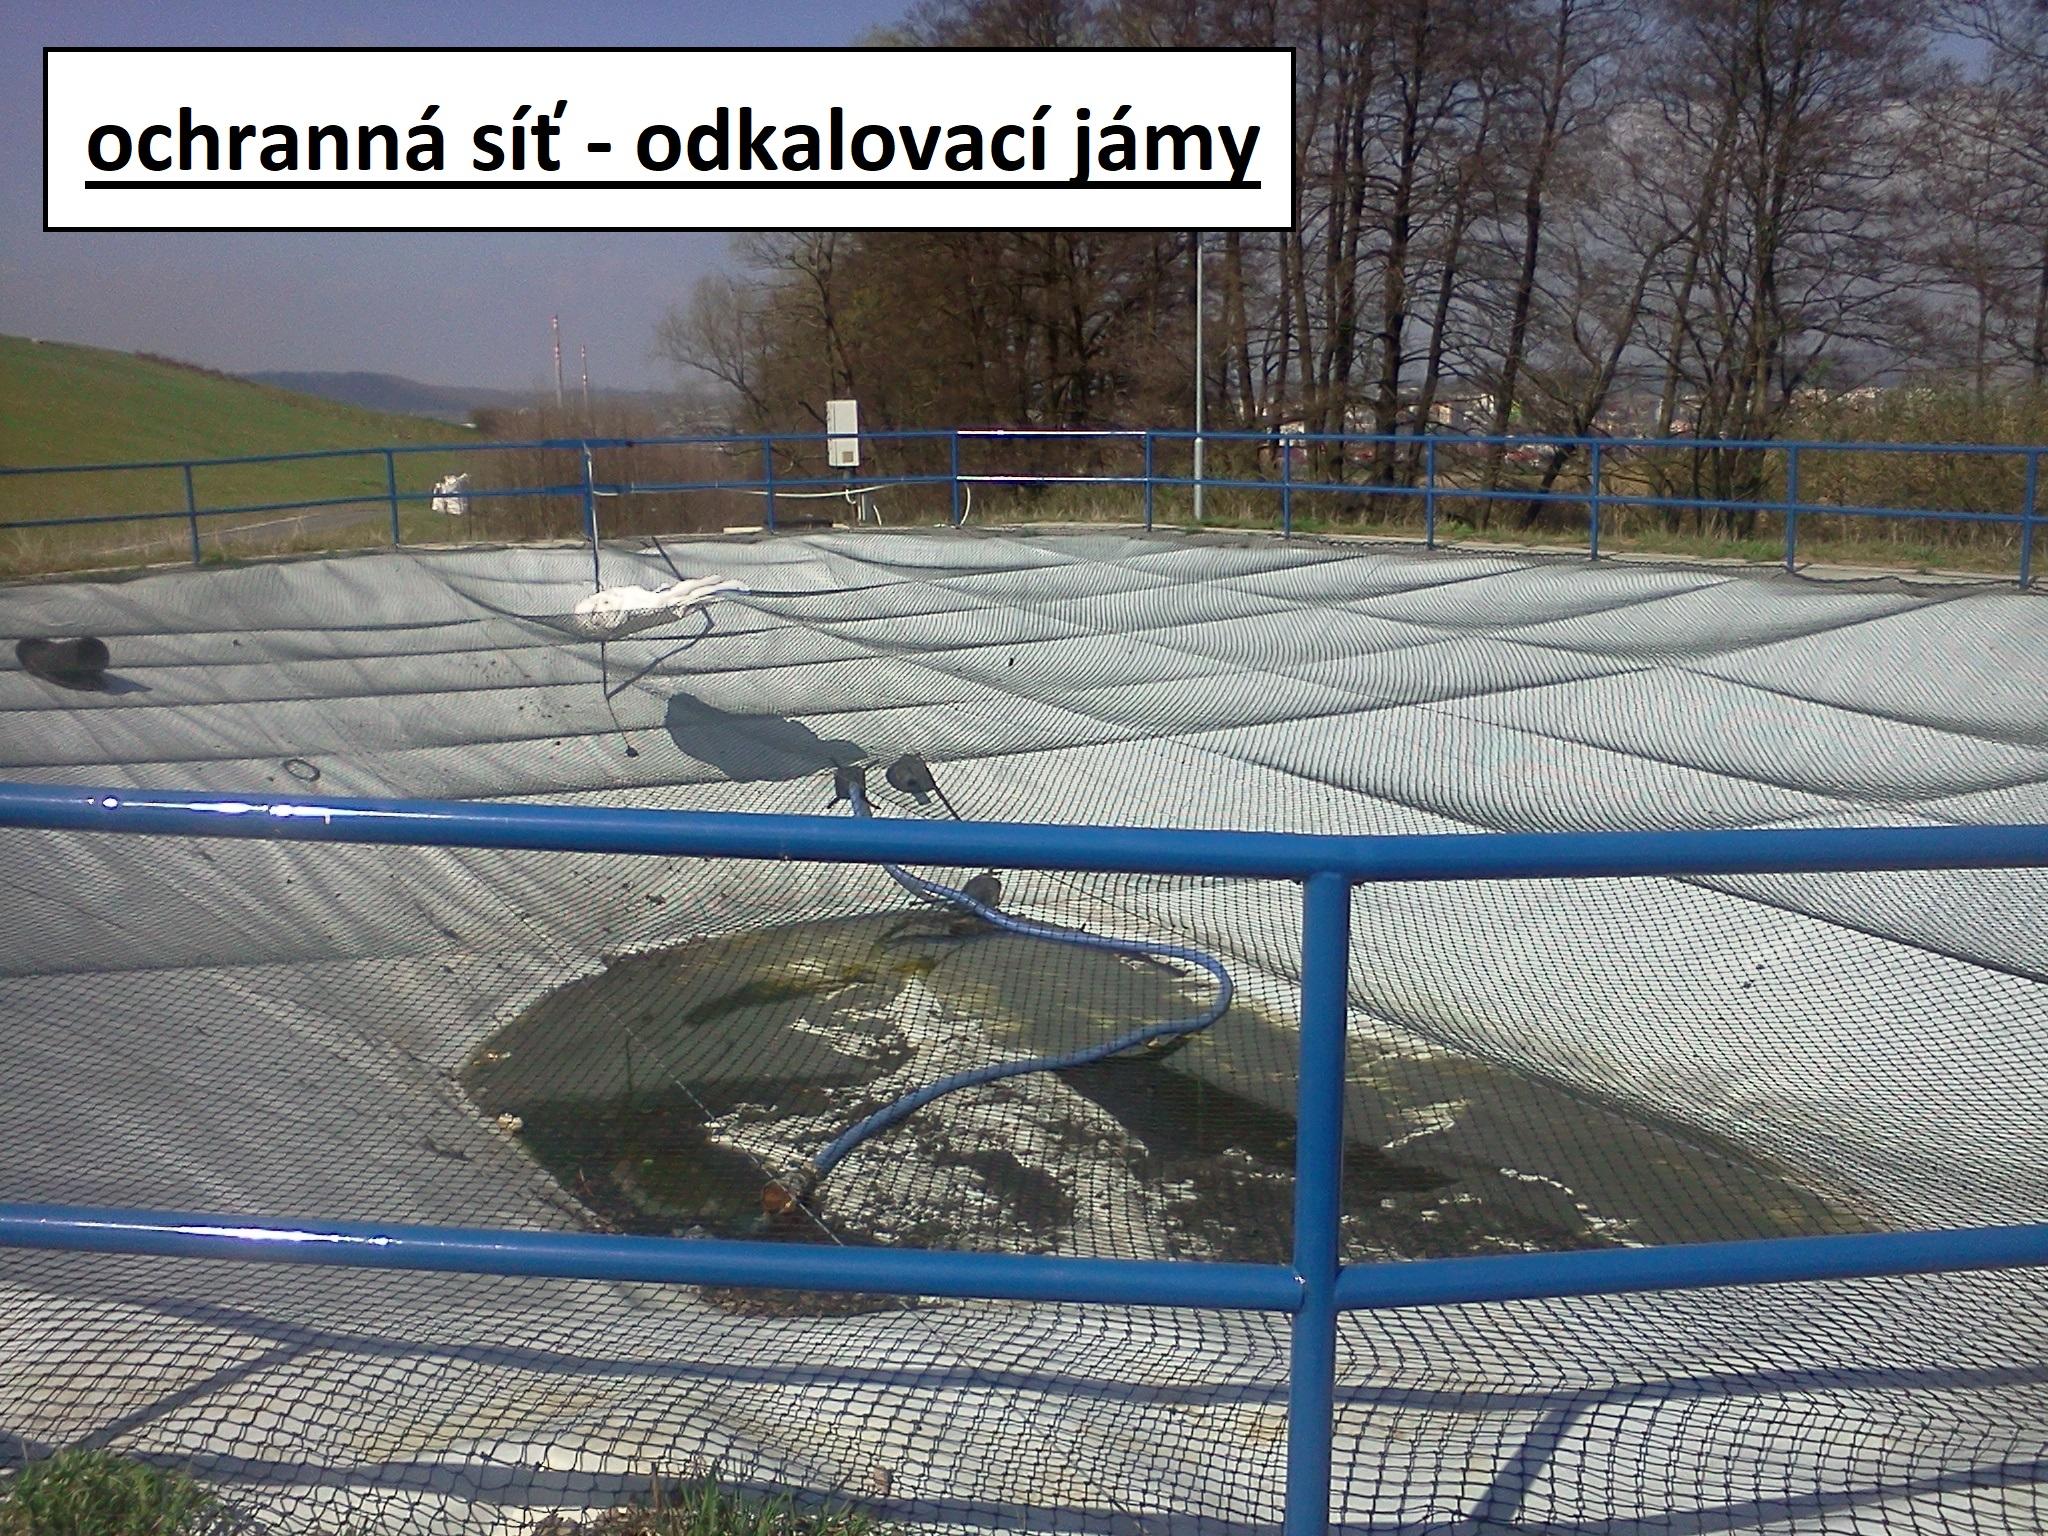 ochranná síť - jímky a nádrže a bazény